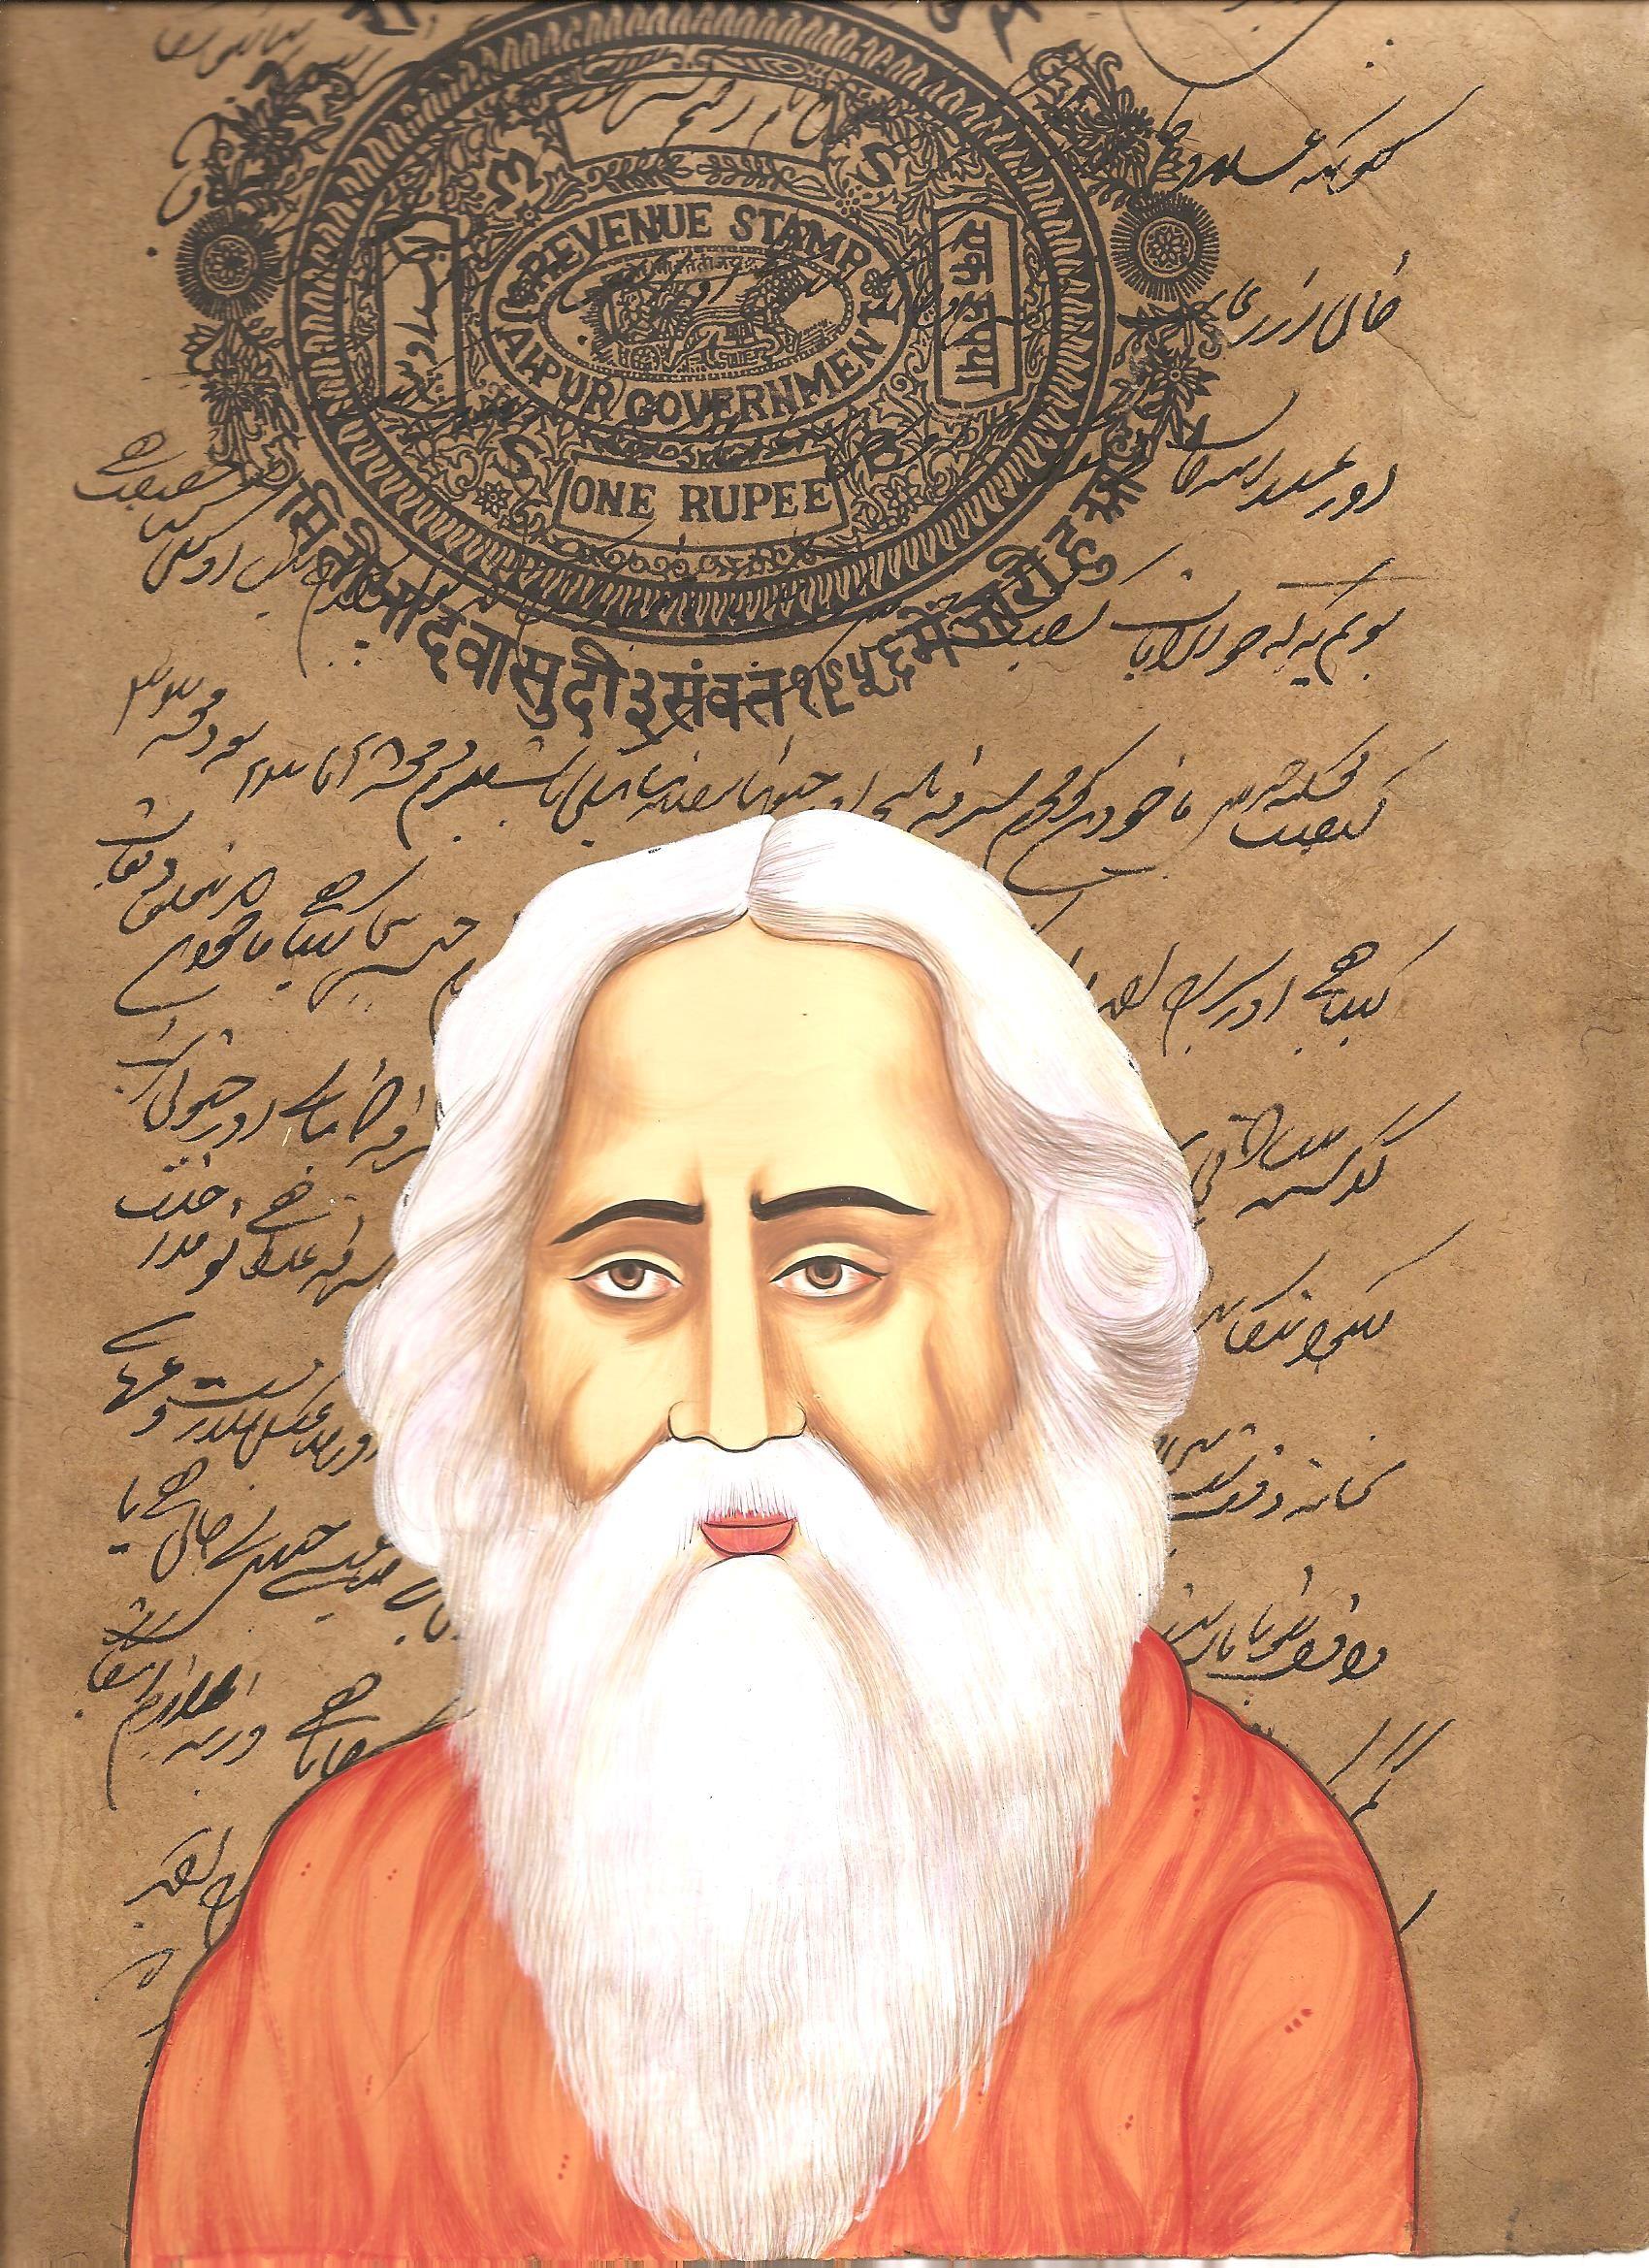 rabindranath tagore painting handmade n miniature stamp paper rabindranath tagore painting handmade n miniature stamp paper portrait art